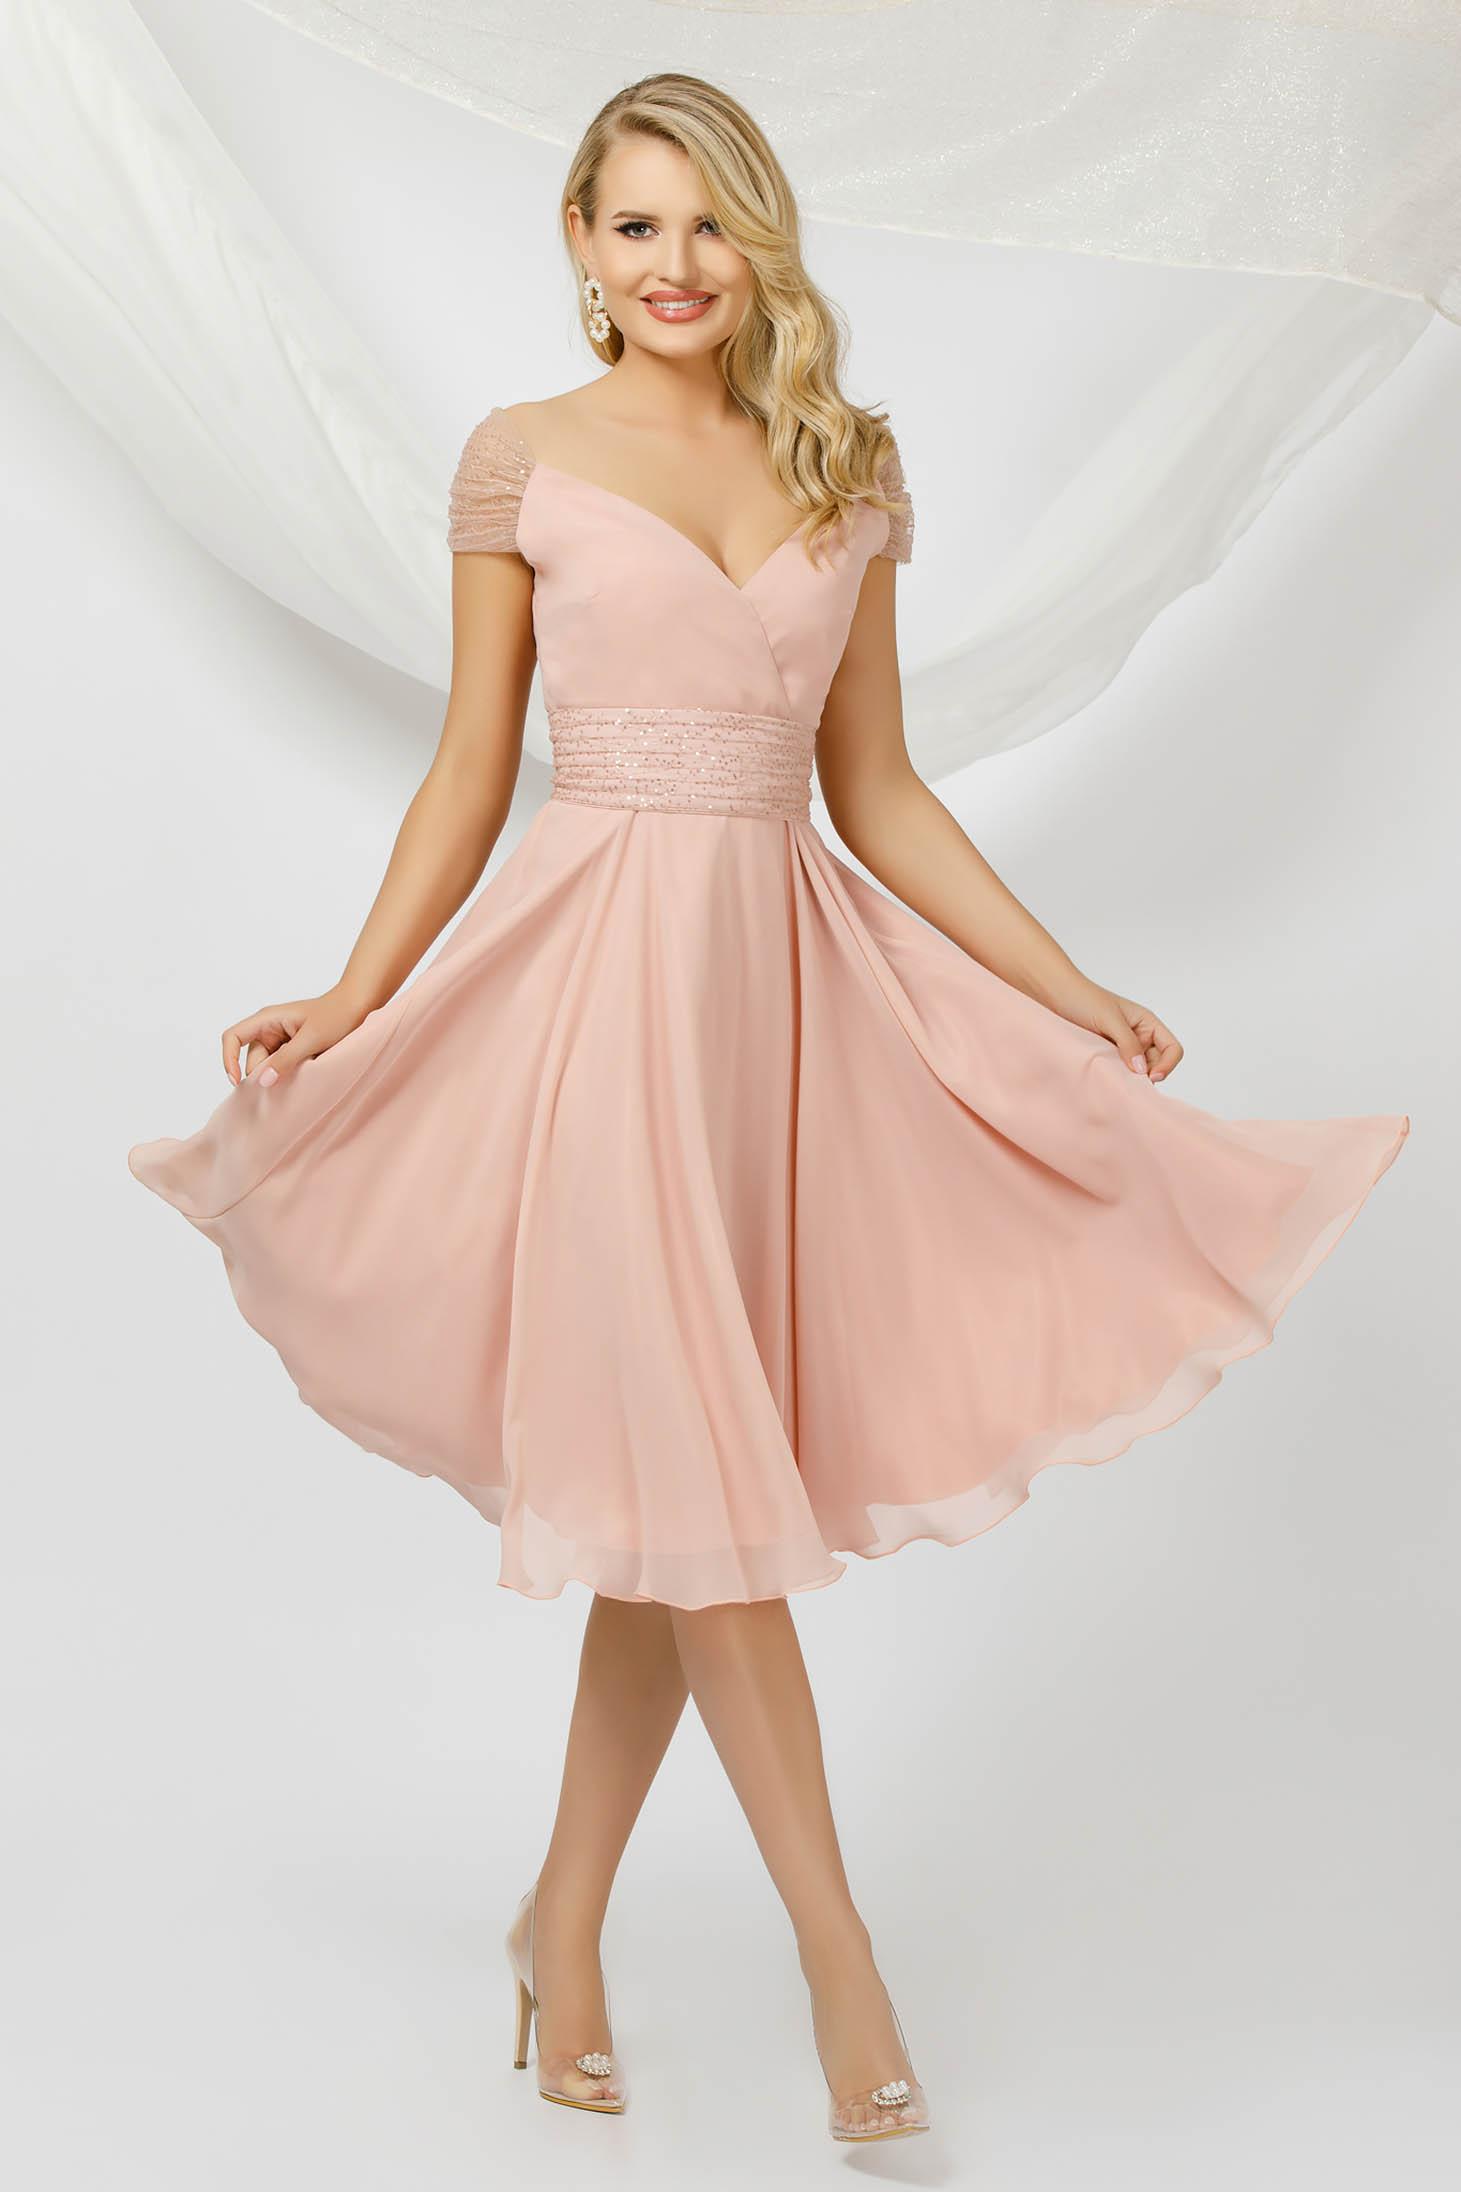 Alkalmi midi világos rózsaszínű ruha vékony muszlinból flitteres díszítéssel